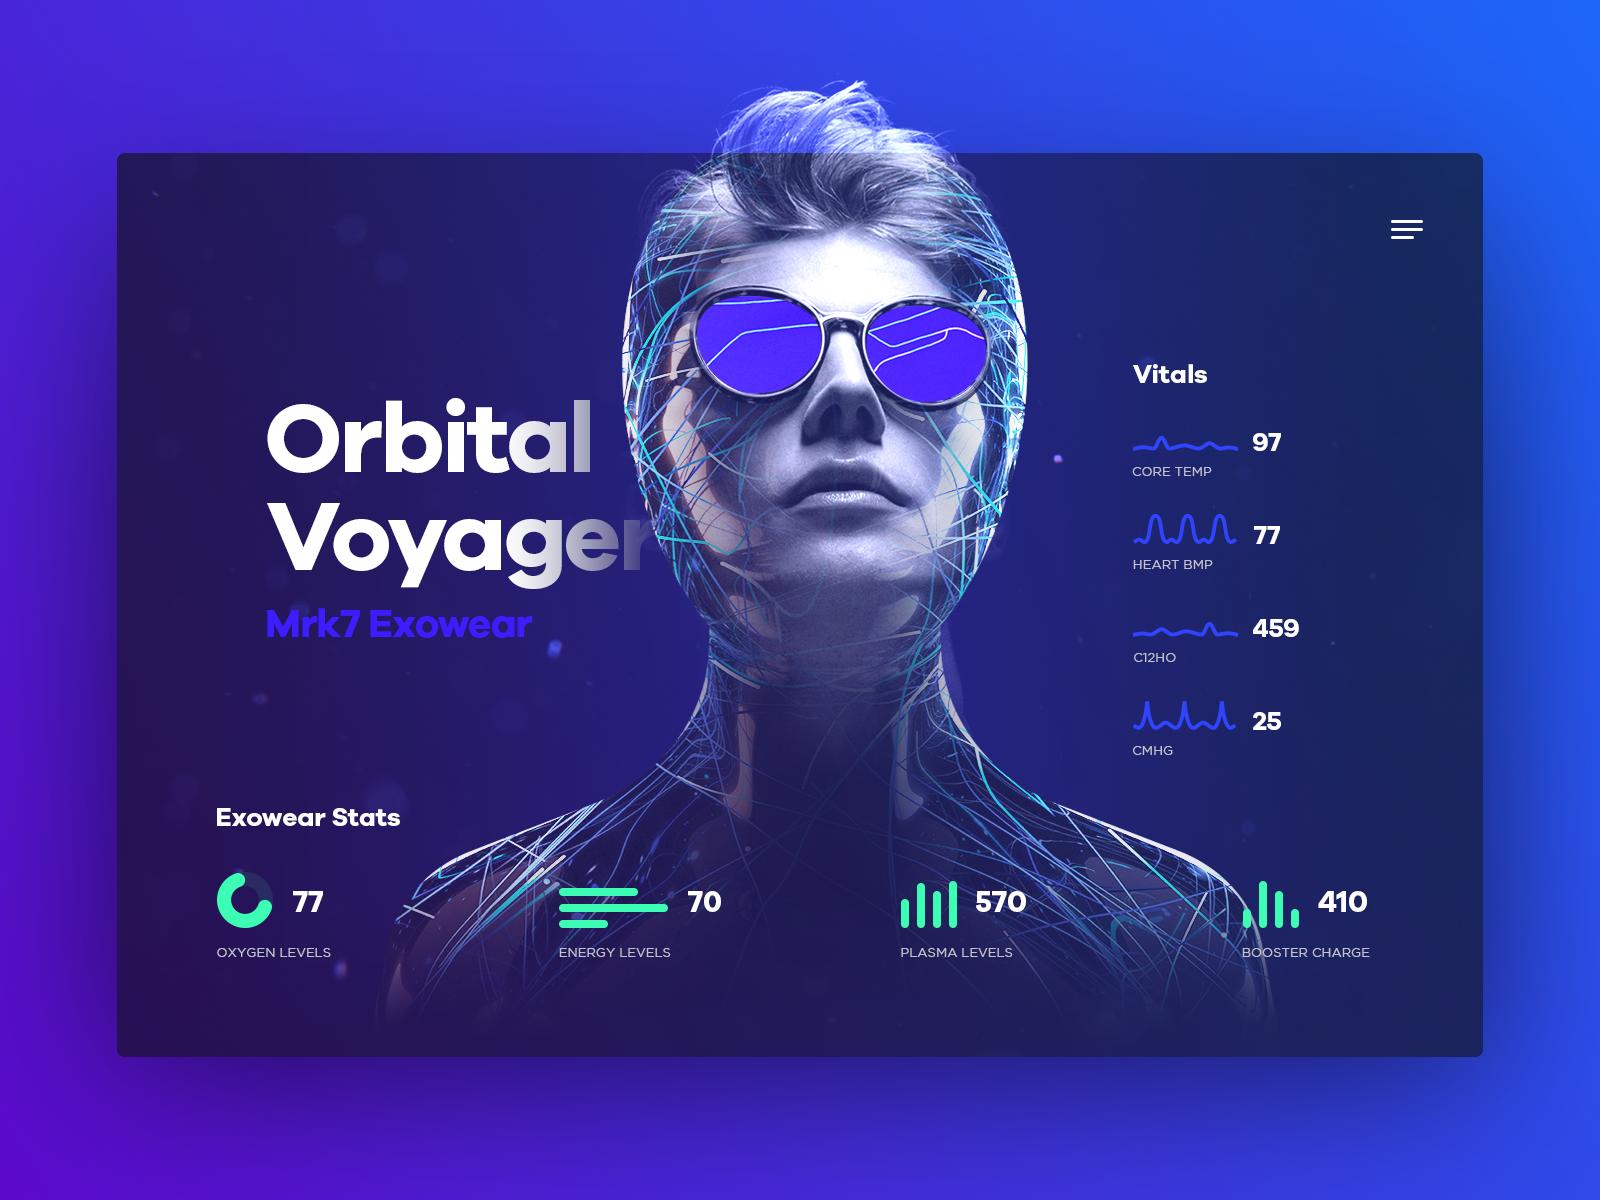 Orbital voyager large